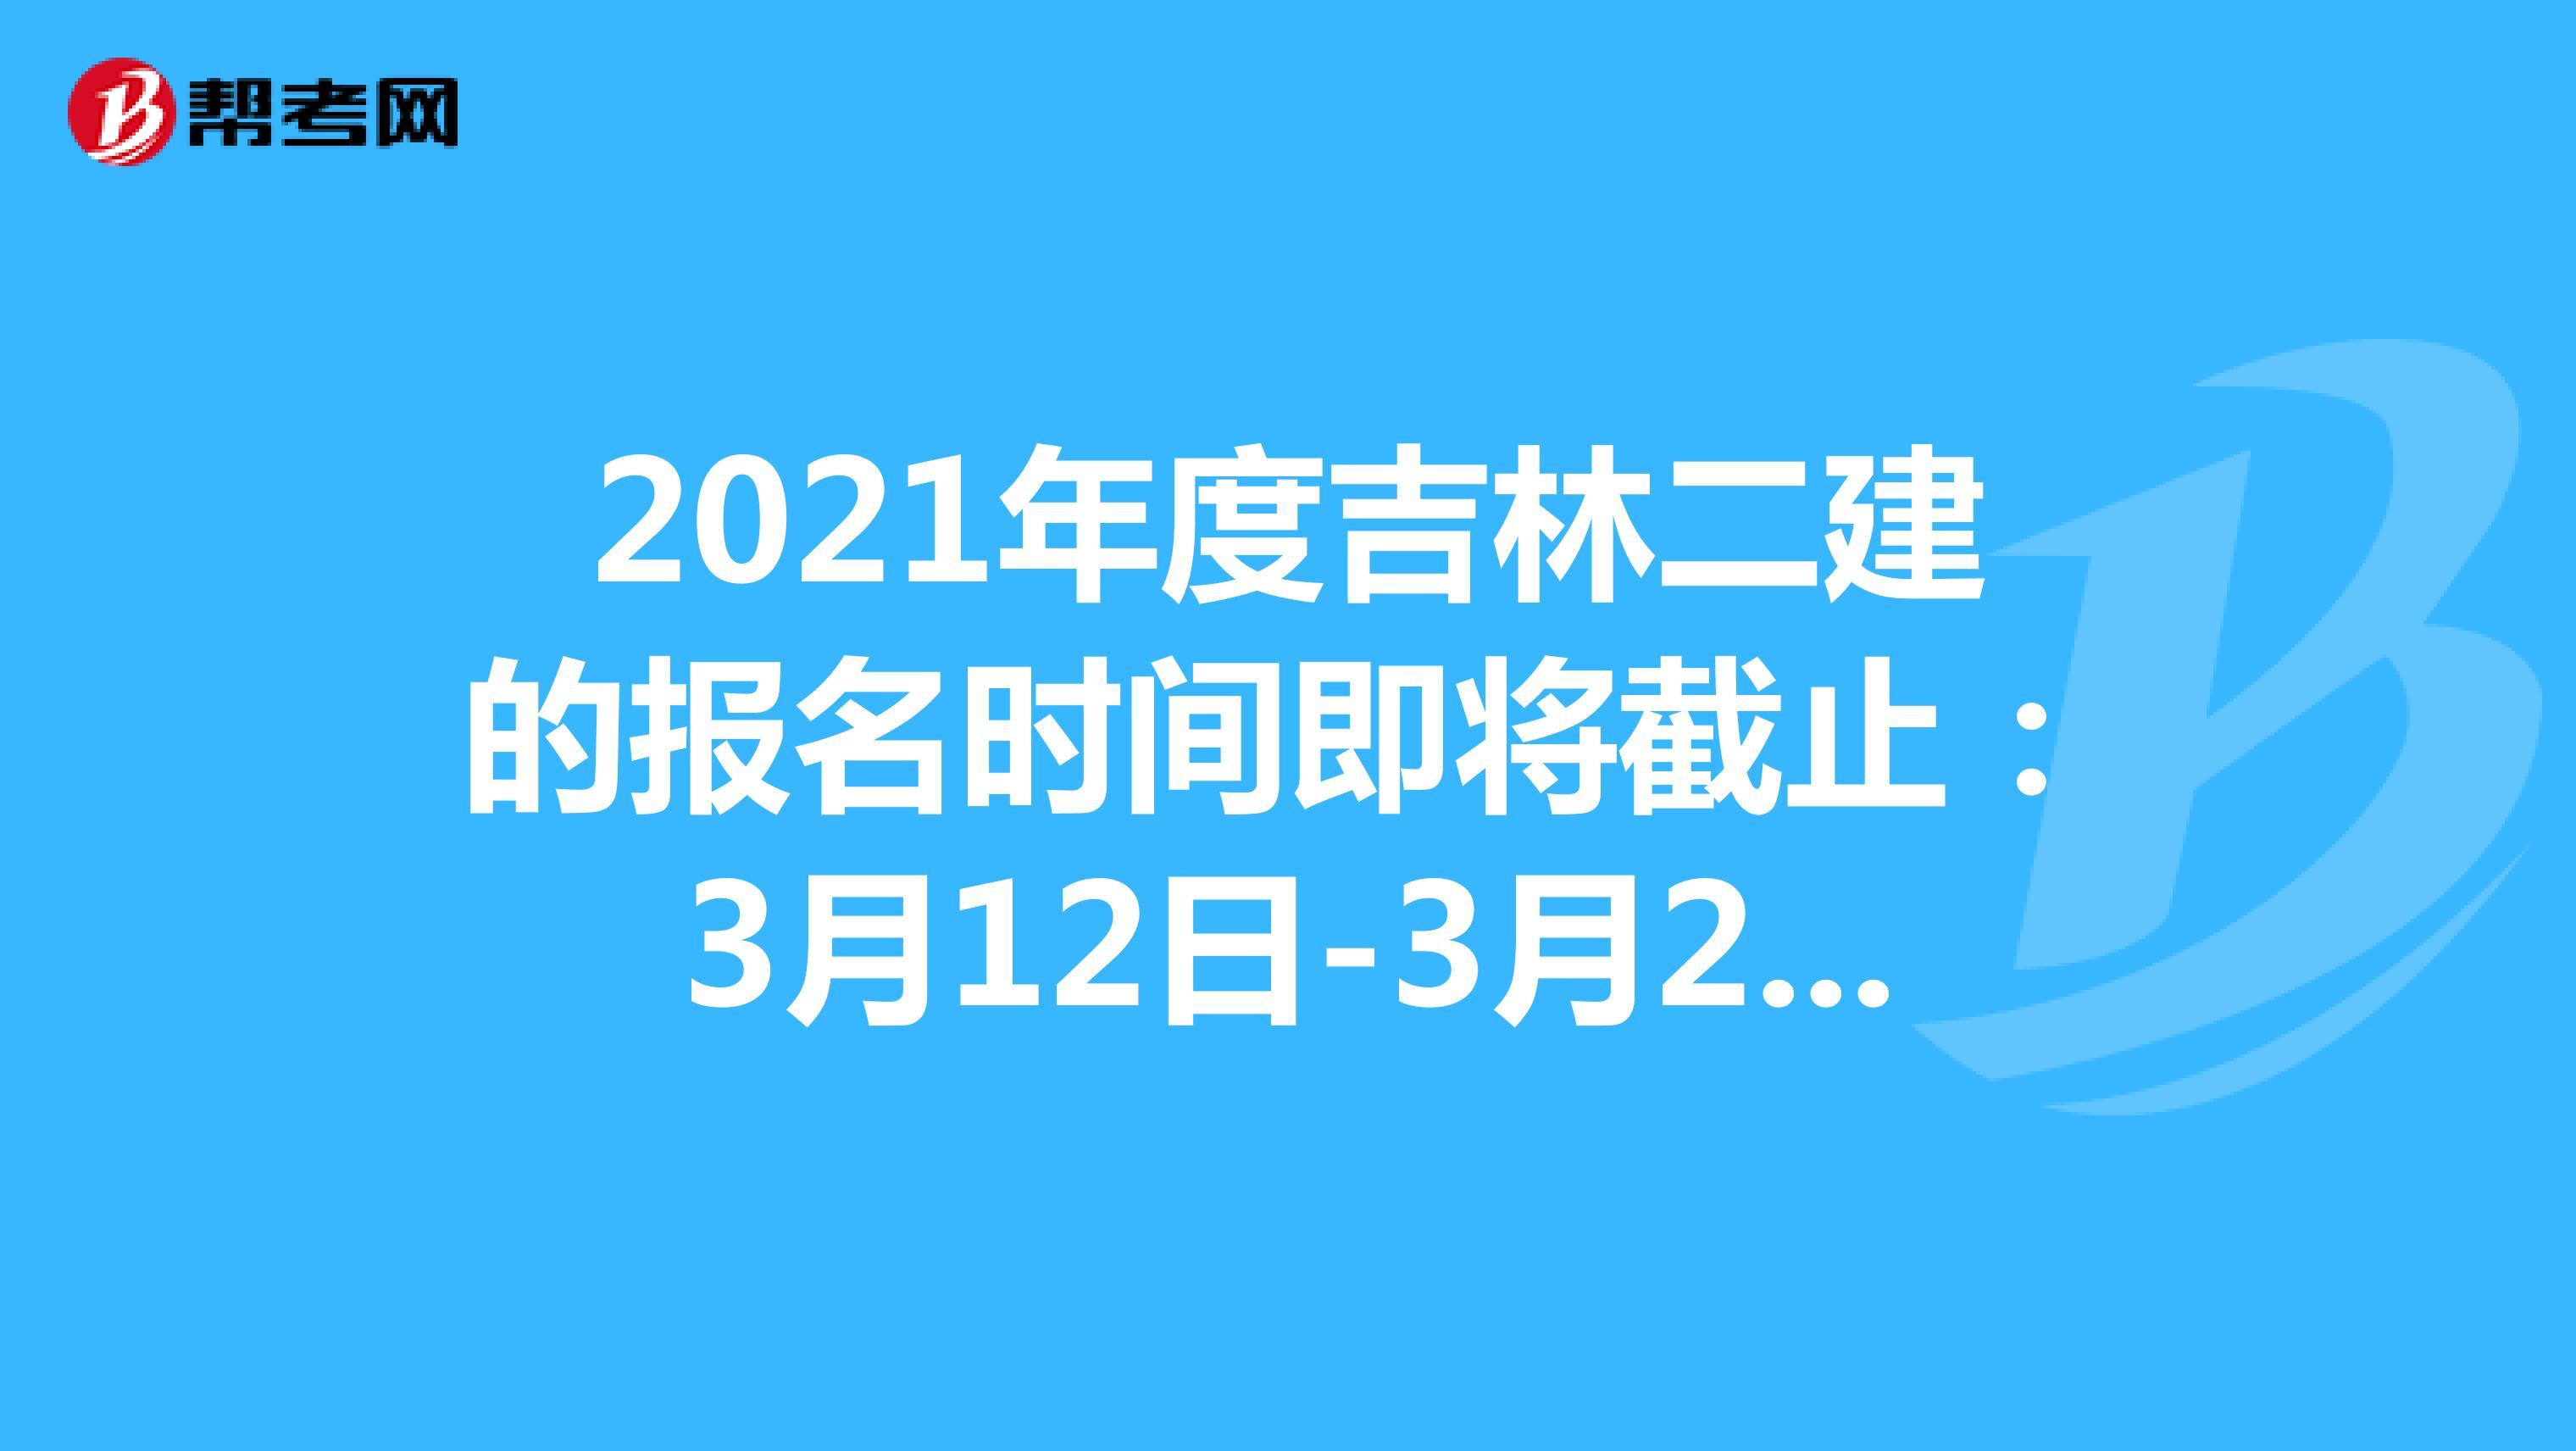 2021年度吉林二建的报名时间即将截止:3月12日-3月22日